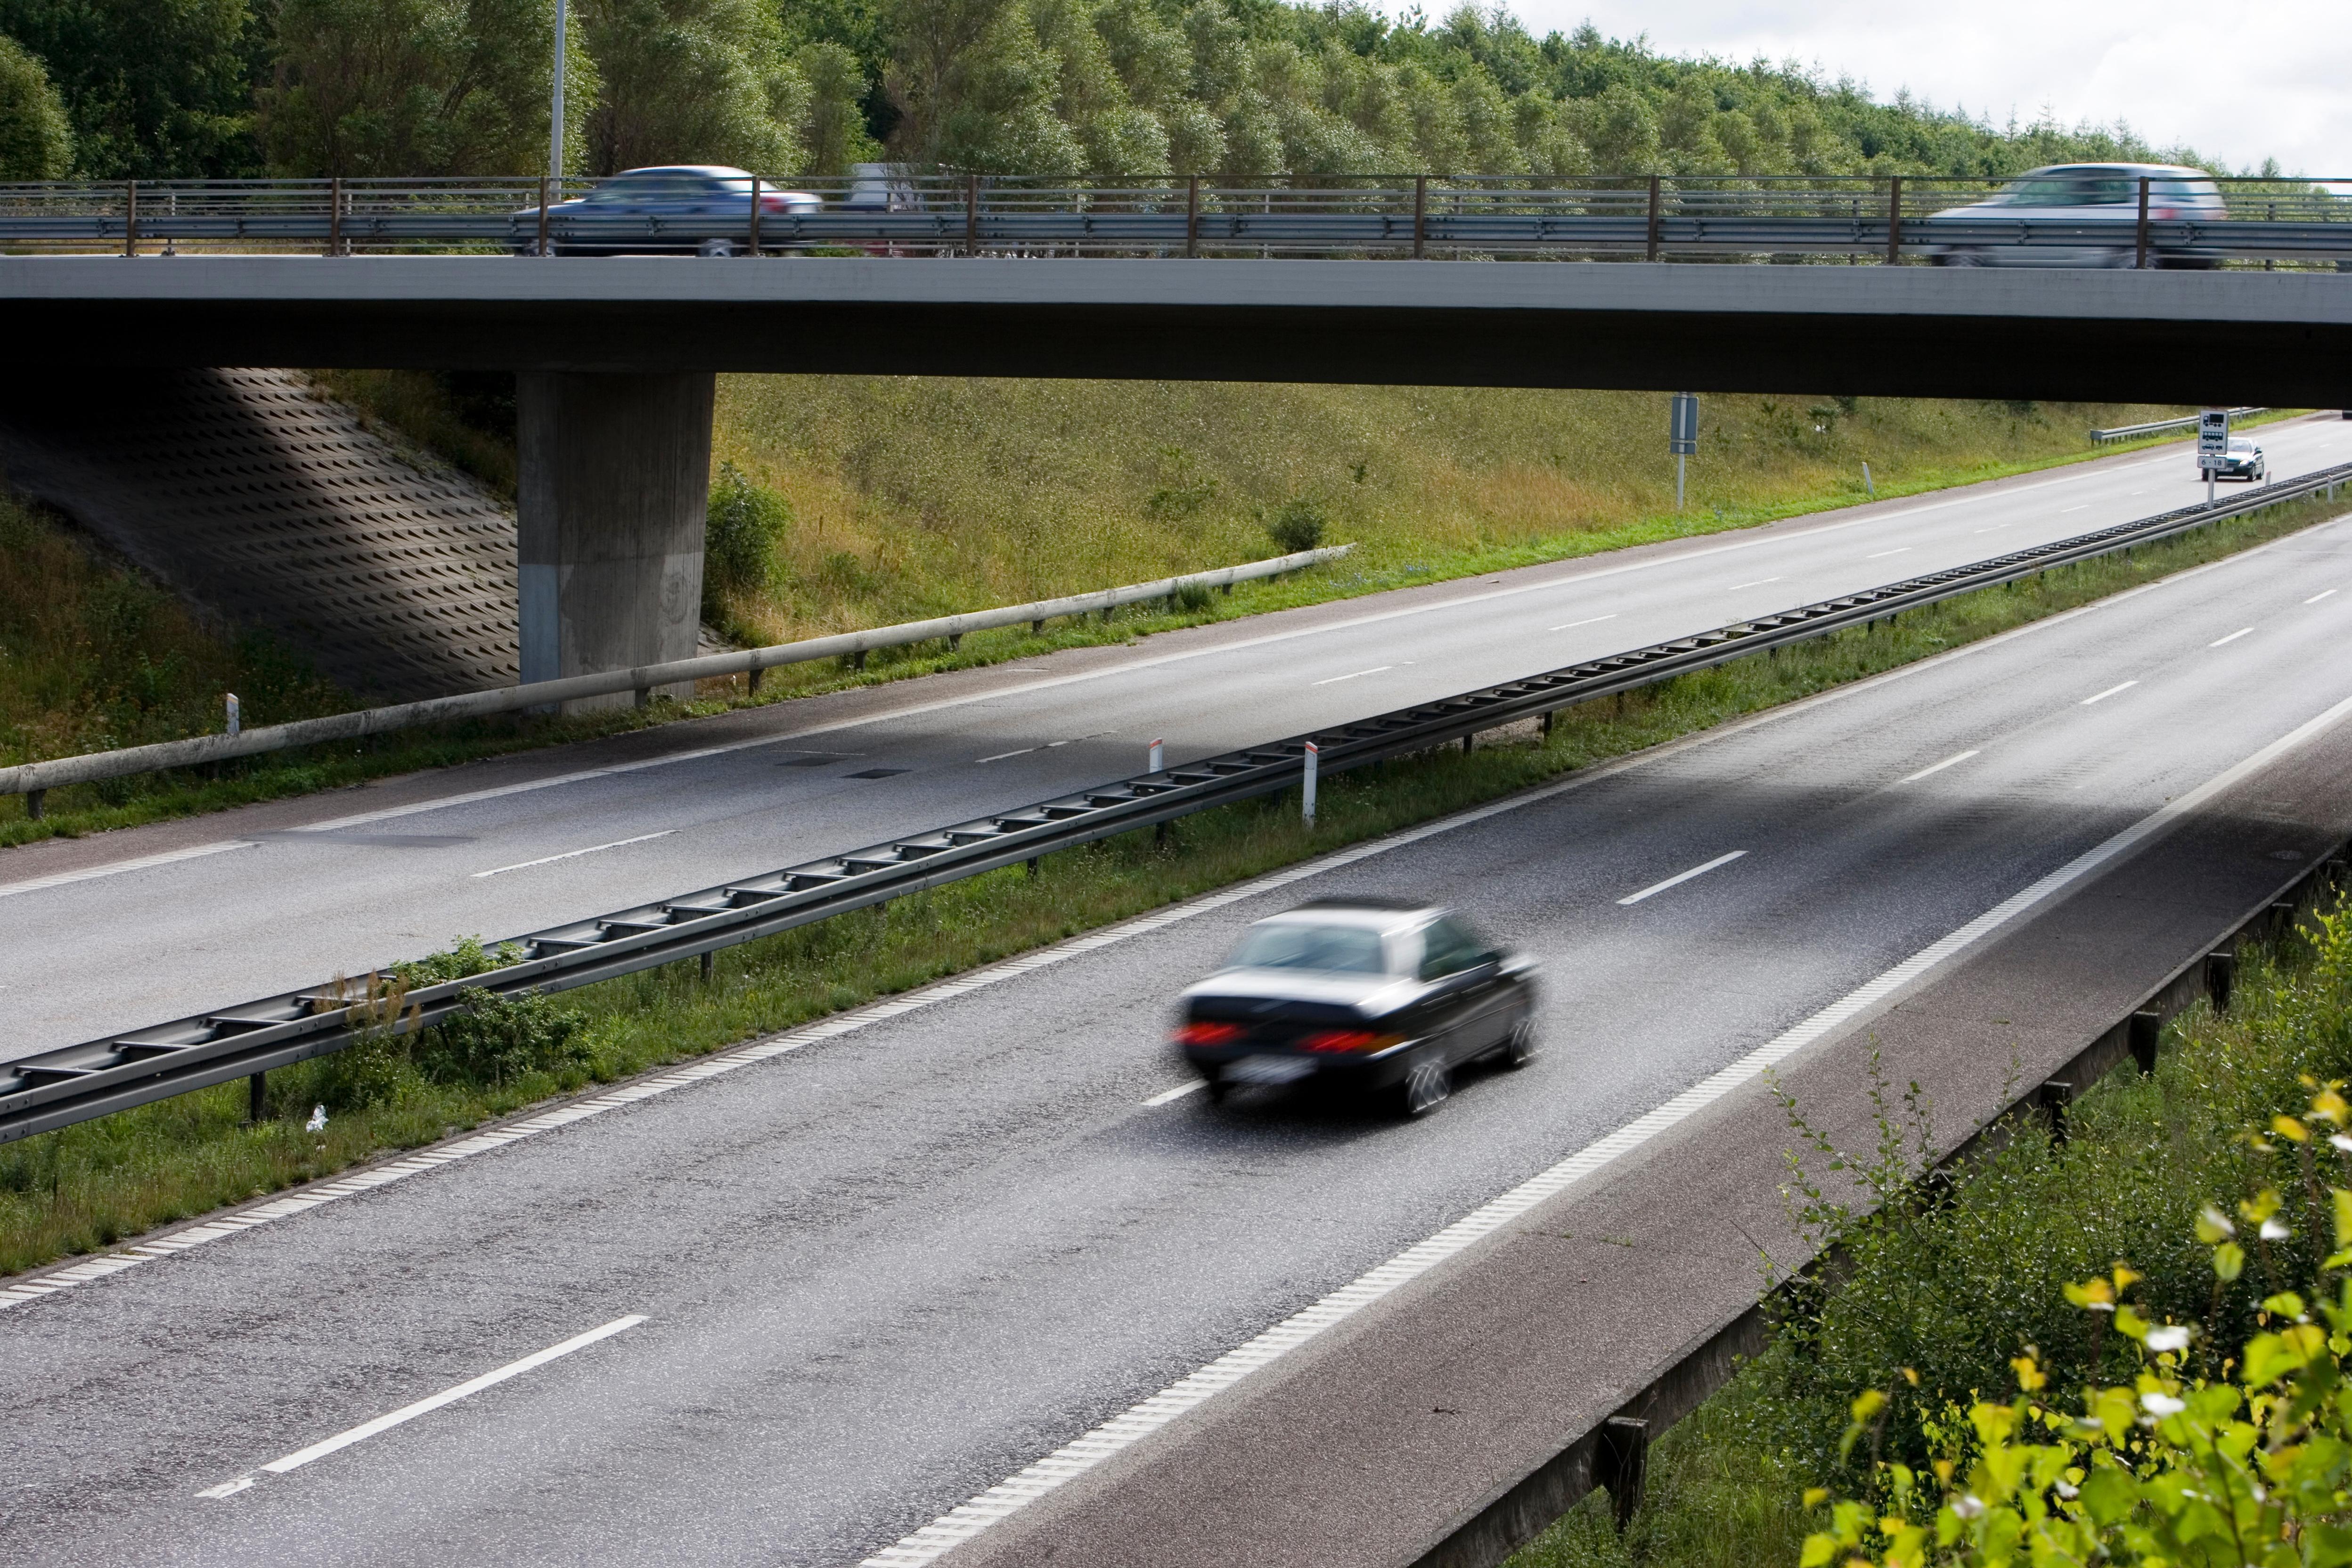 Sikring af motorvejsbroer breder sig i udlandet - Mester Tidende